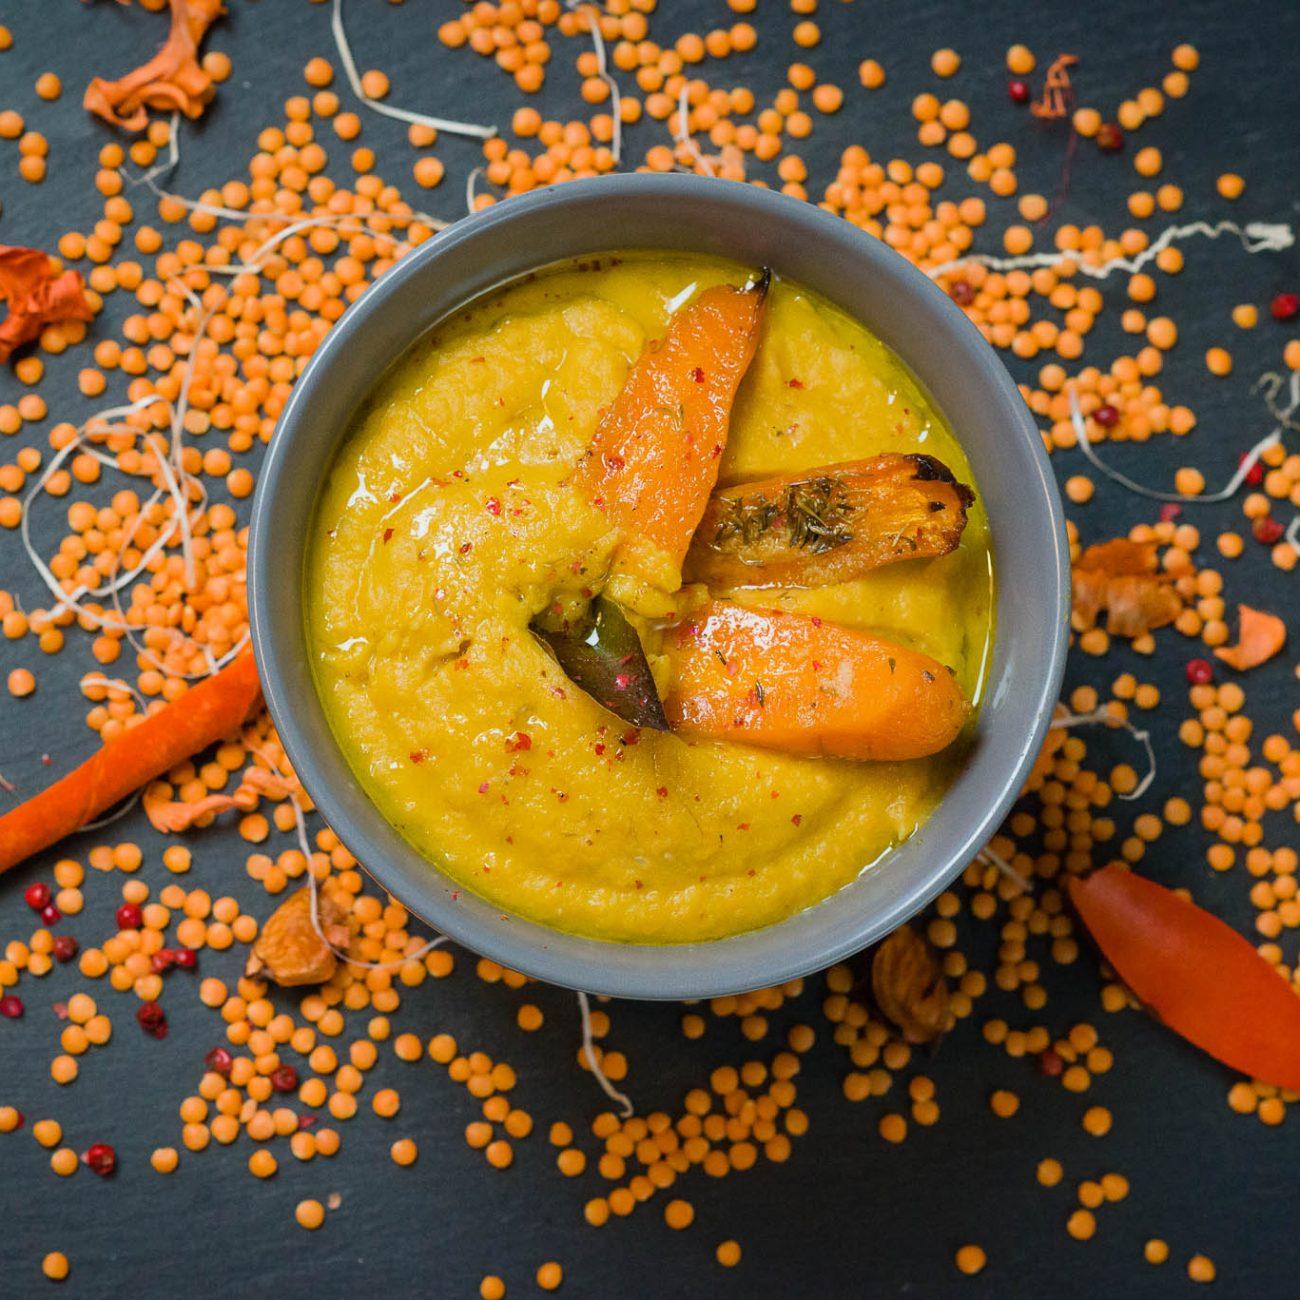 Zuppa di verdure arrostite e lenticchie rosse, profumata allo zenzero e limone